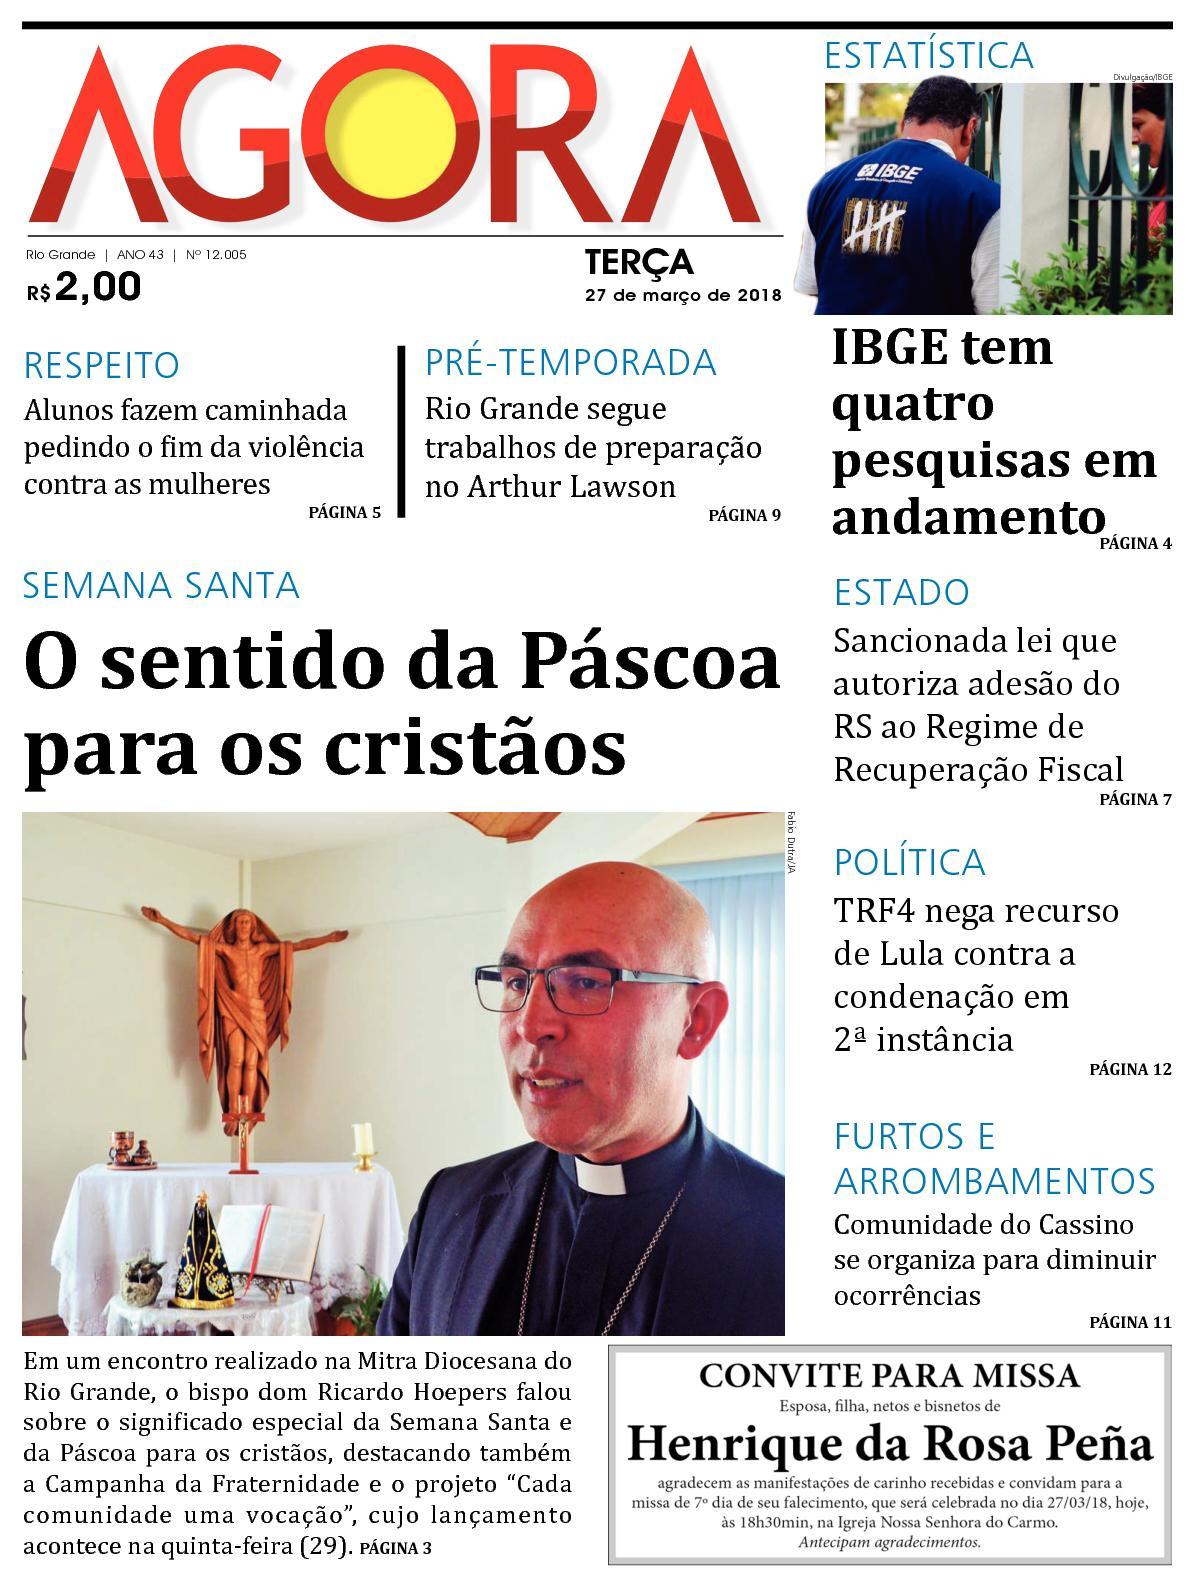 Jornal Agora - Edição 12005 - 27 de Março de 2018